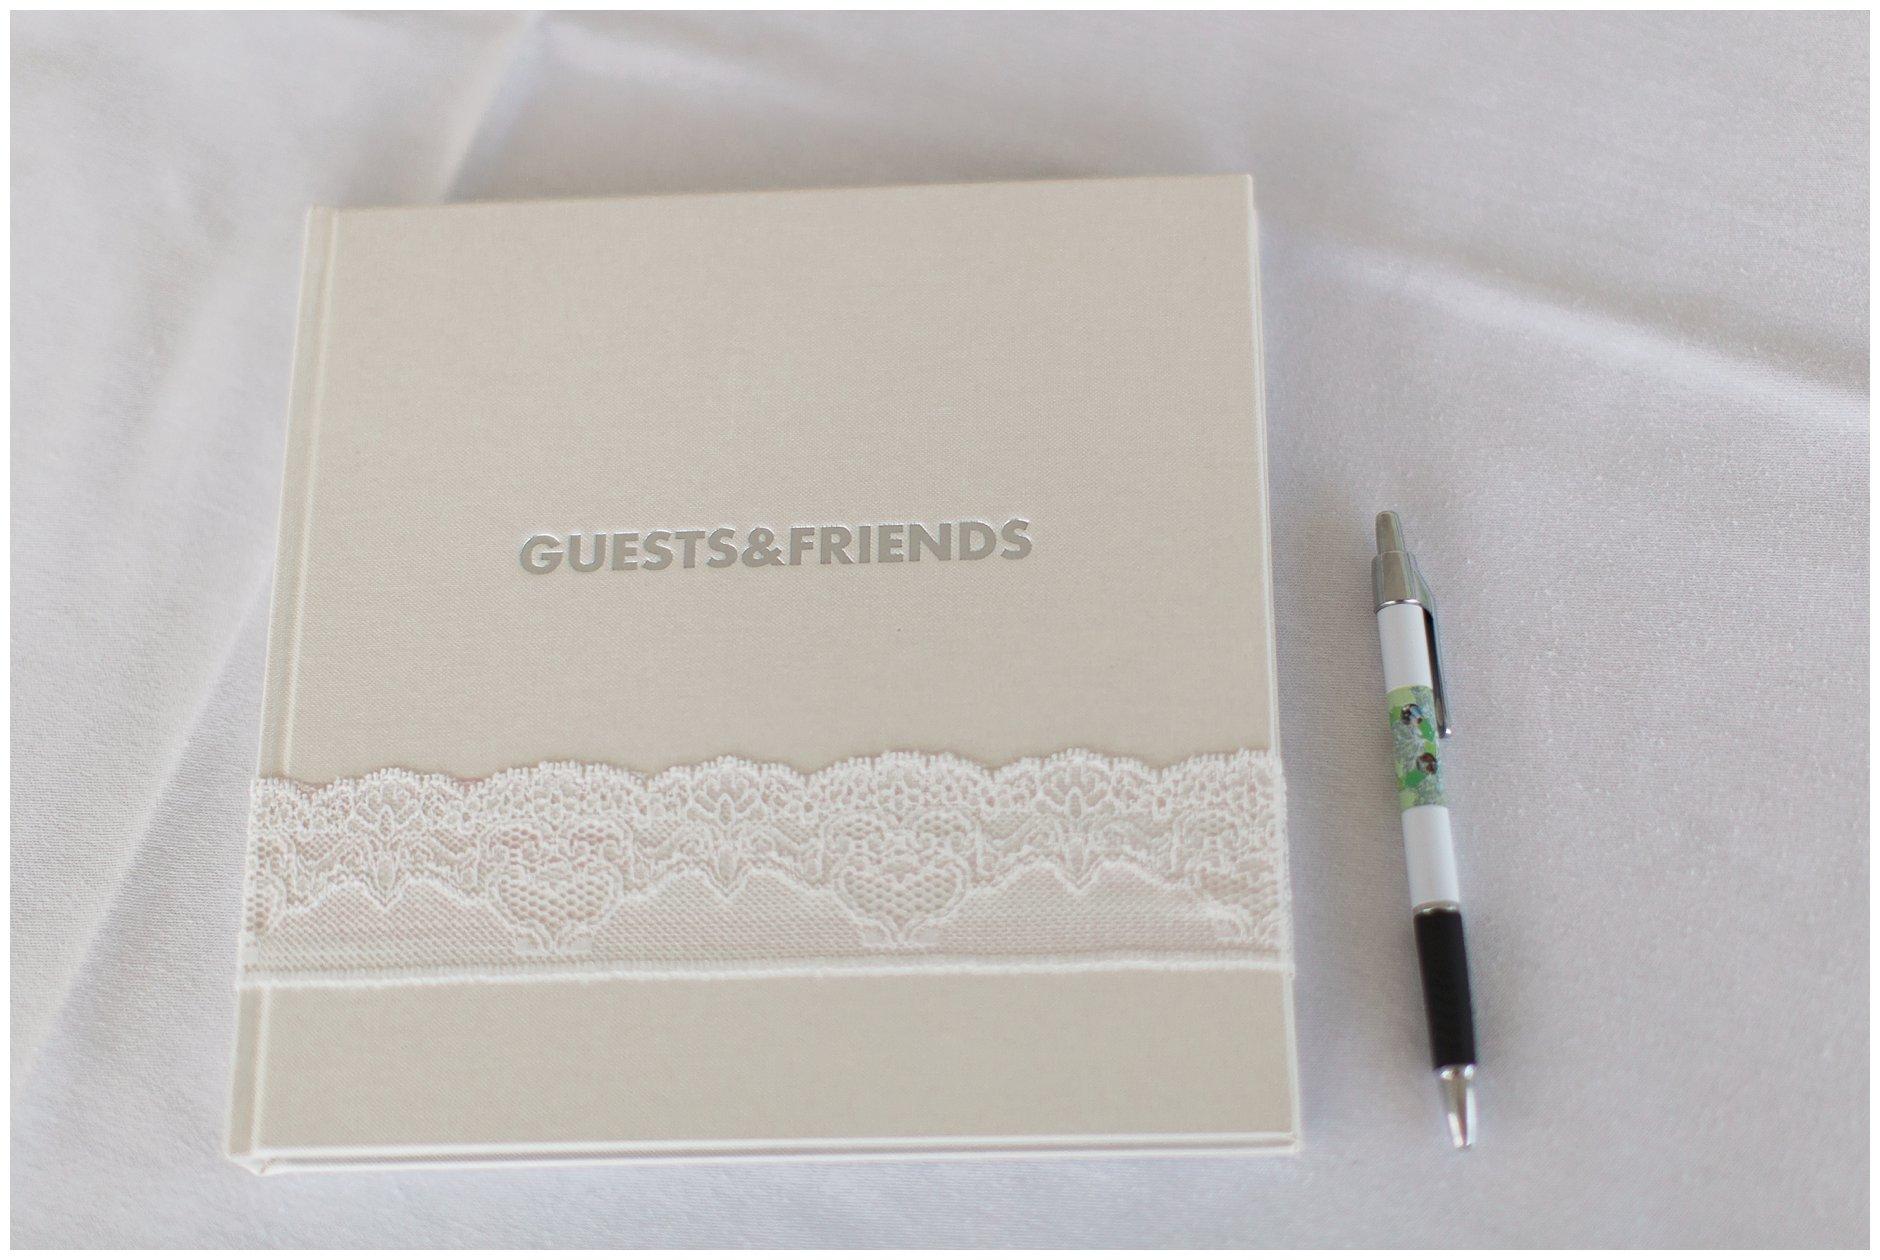 Tips til bruk av kjærestebilder i bryllupet - gjestebok